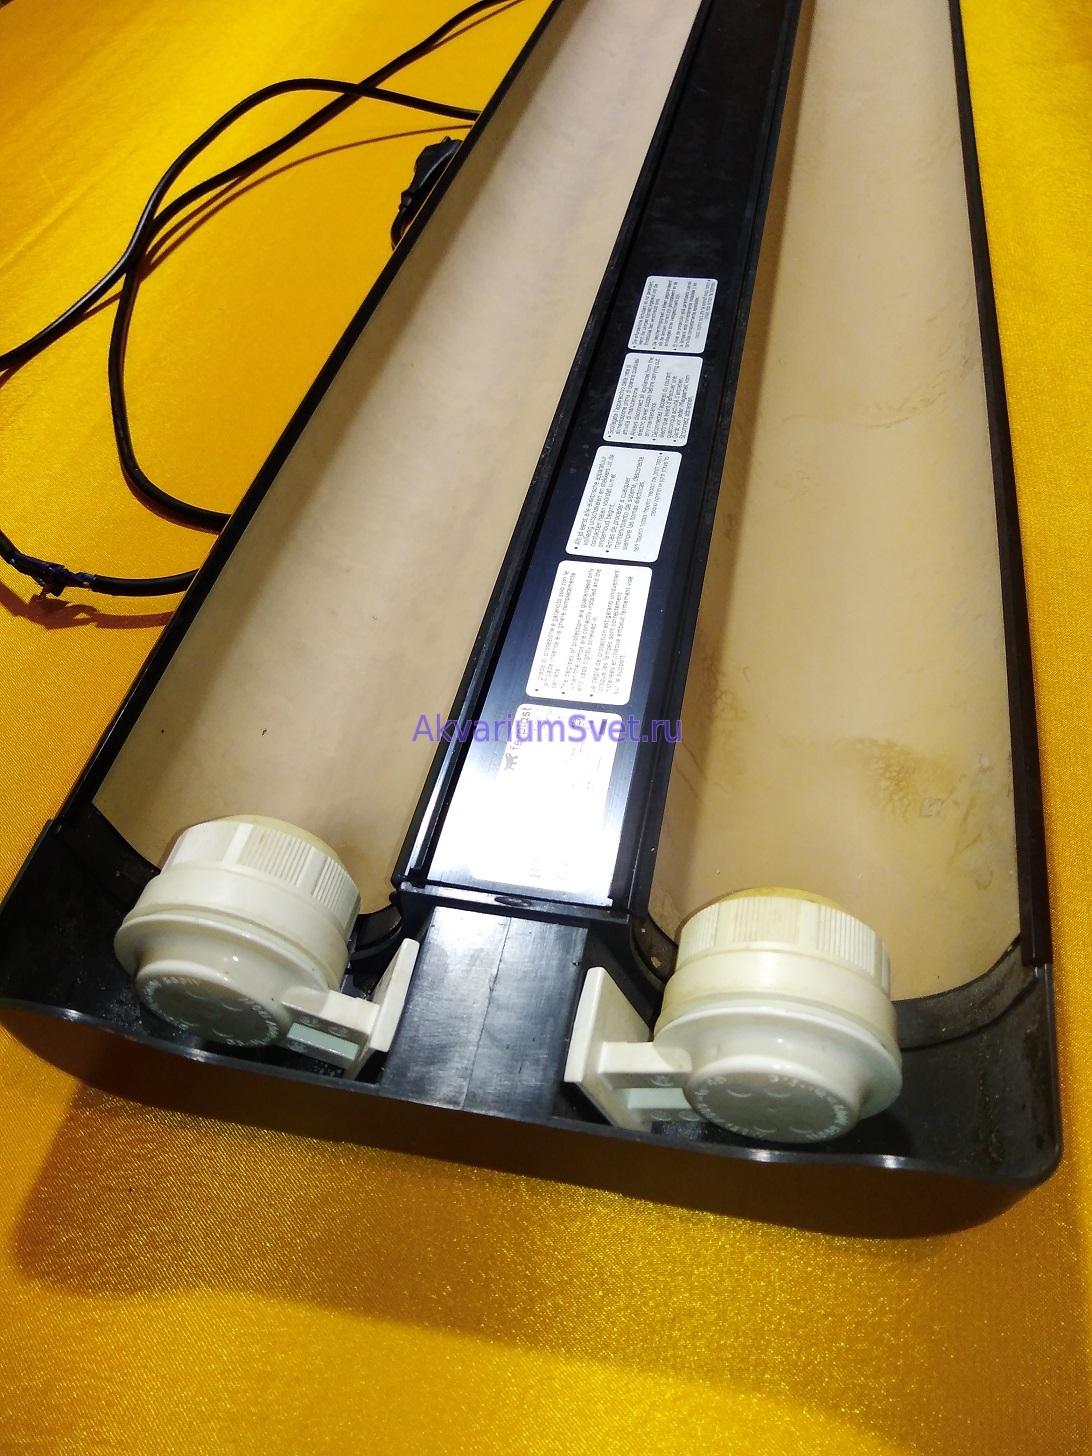 Аквариумный светильник Ferplast Exploralight 2x30 до ремонта.